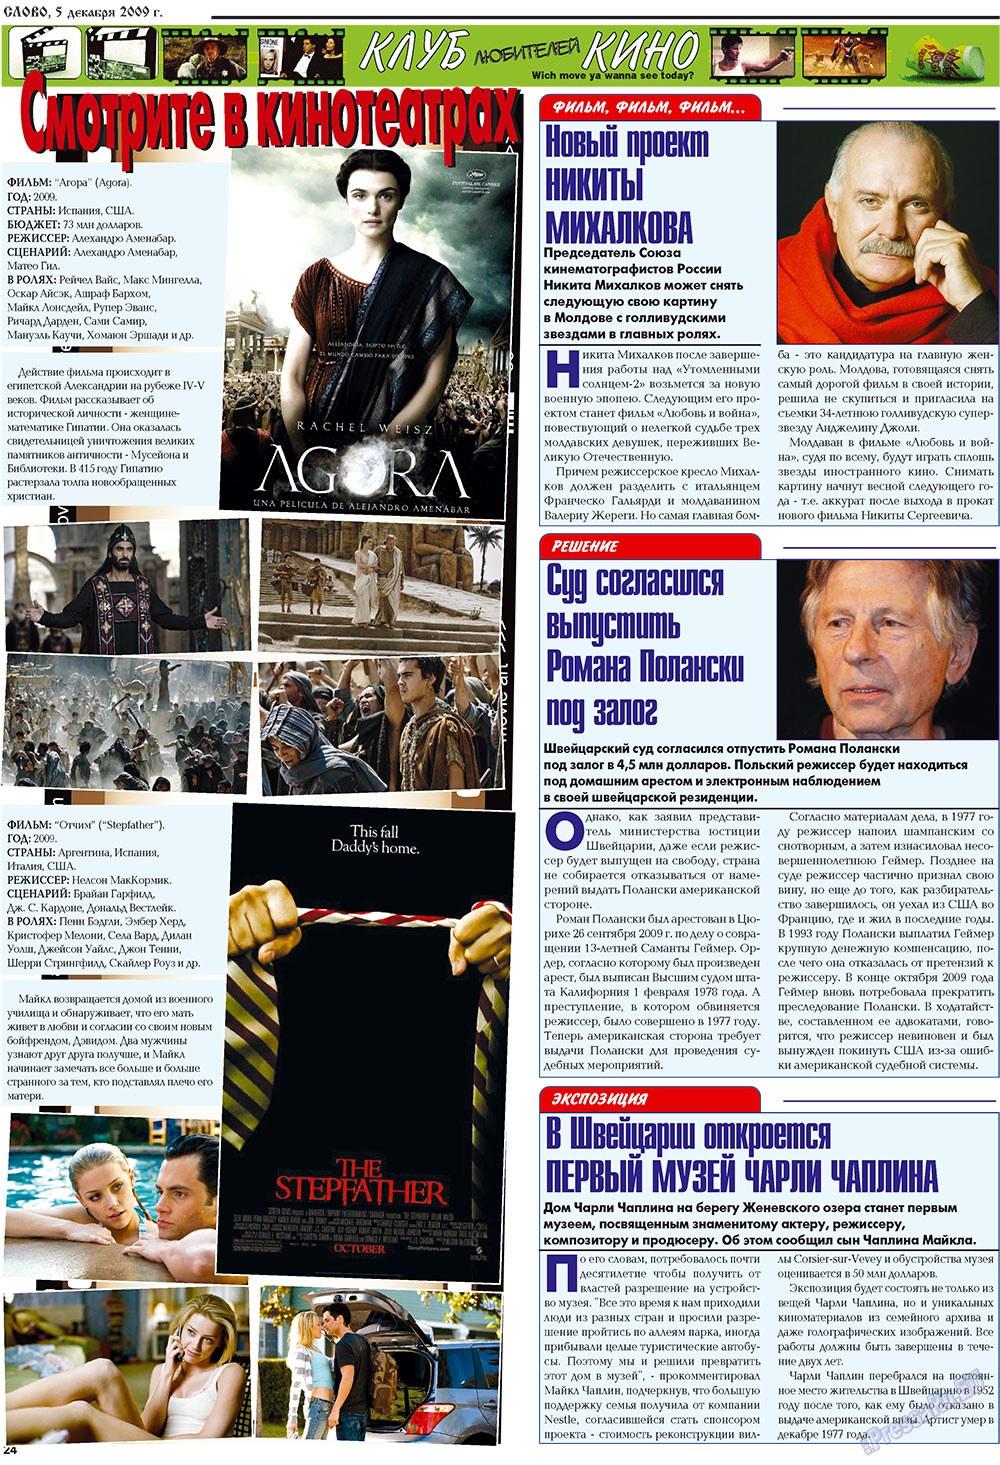 Слово (газета). 2009 год, номер 49, стр. 24